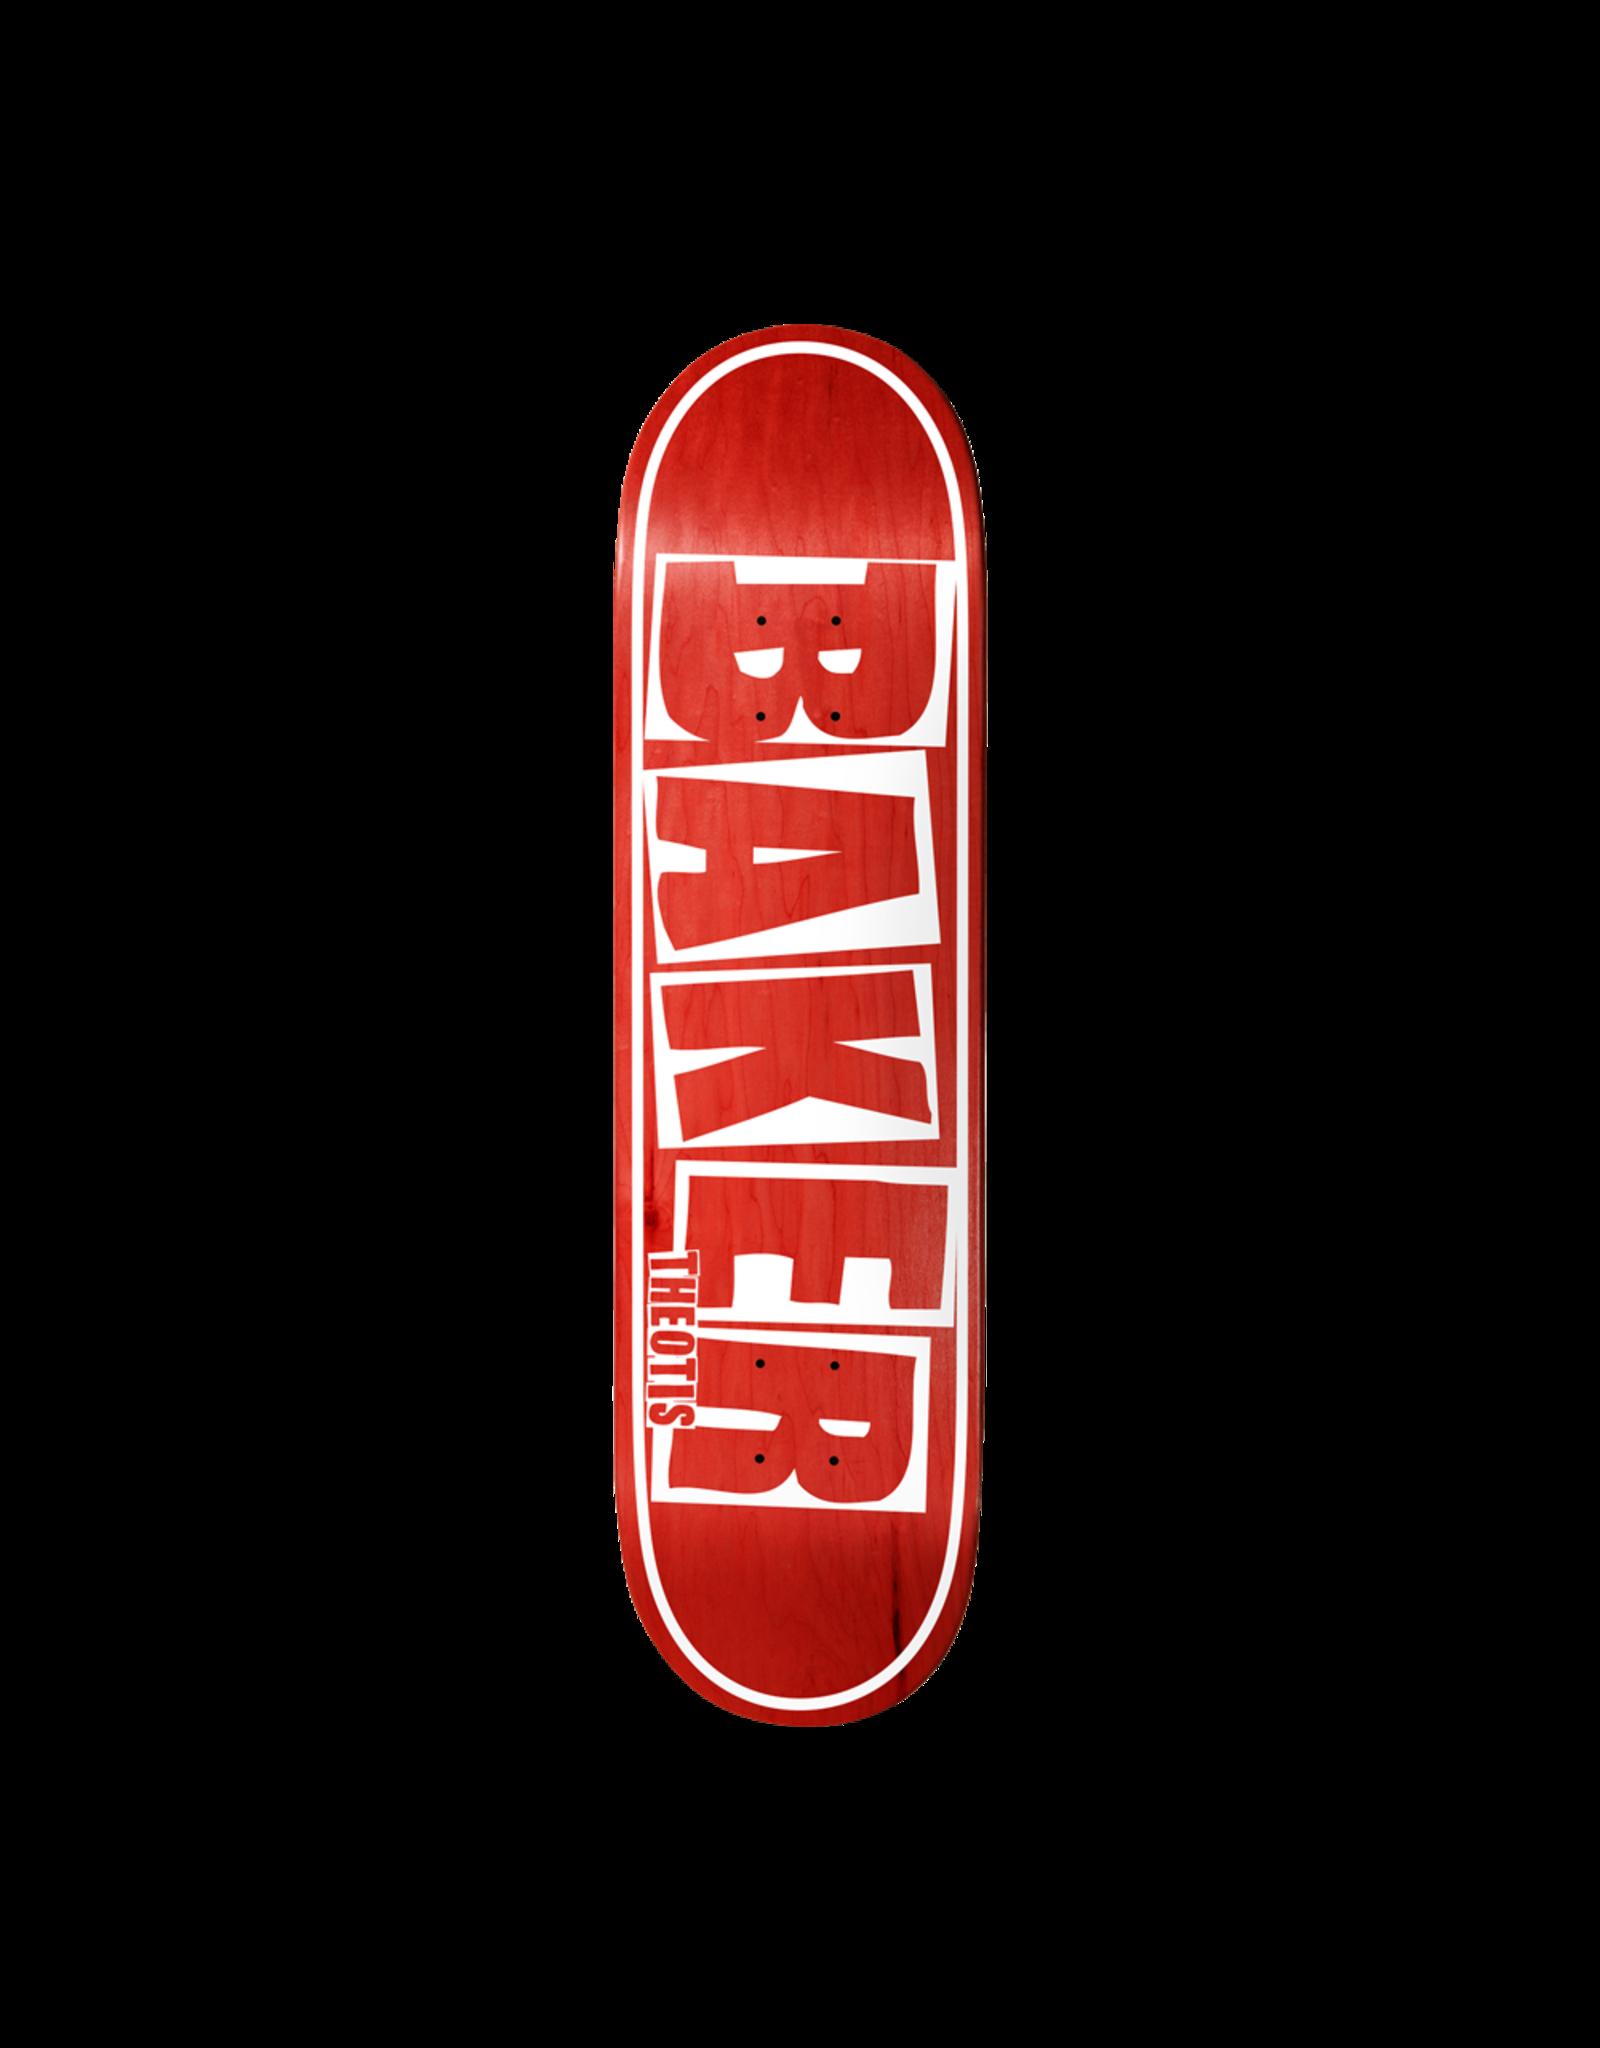 BAKER BAKER - TB BRAND NAME - 8.5